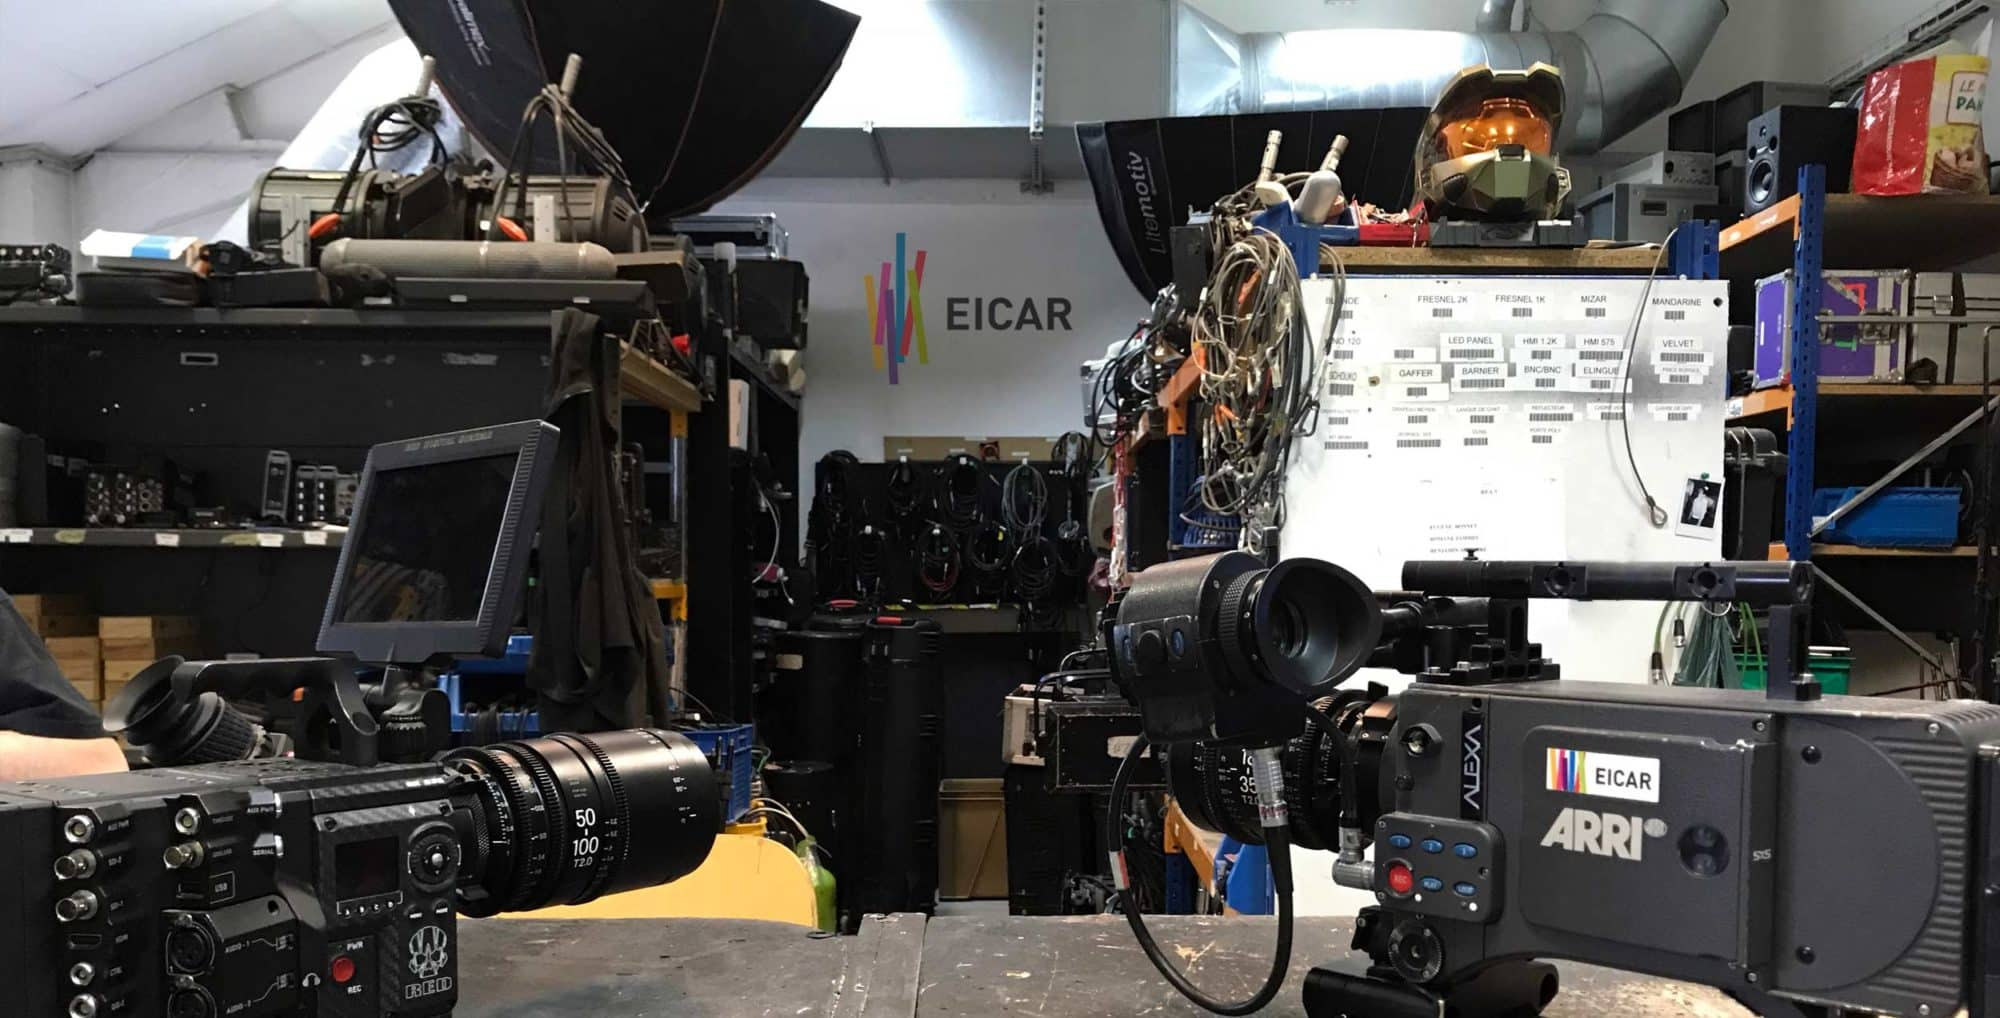 école de cinéma matériel équipements